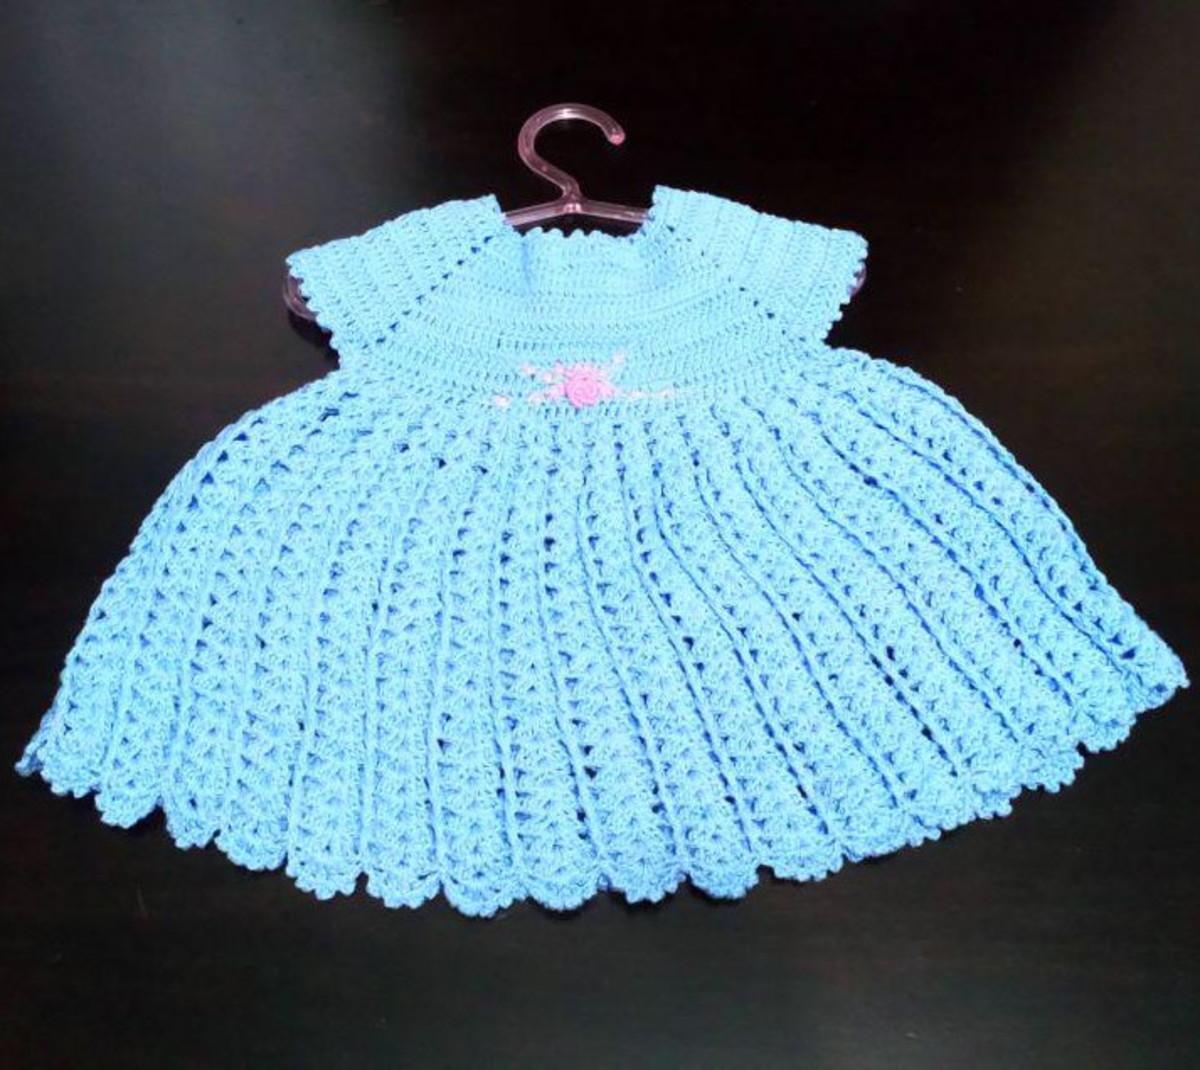 cd8d583b609f Vestido infantil de crochê - azul claro no Elo7 | Maria de Fátima ...